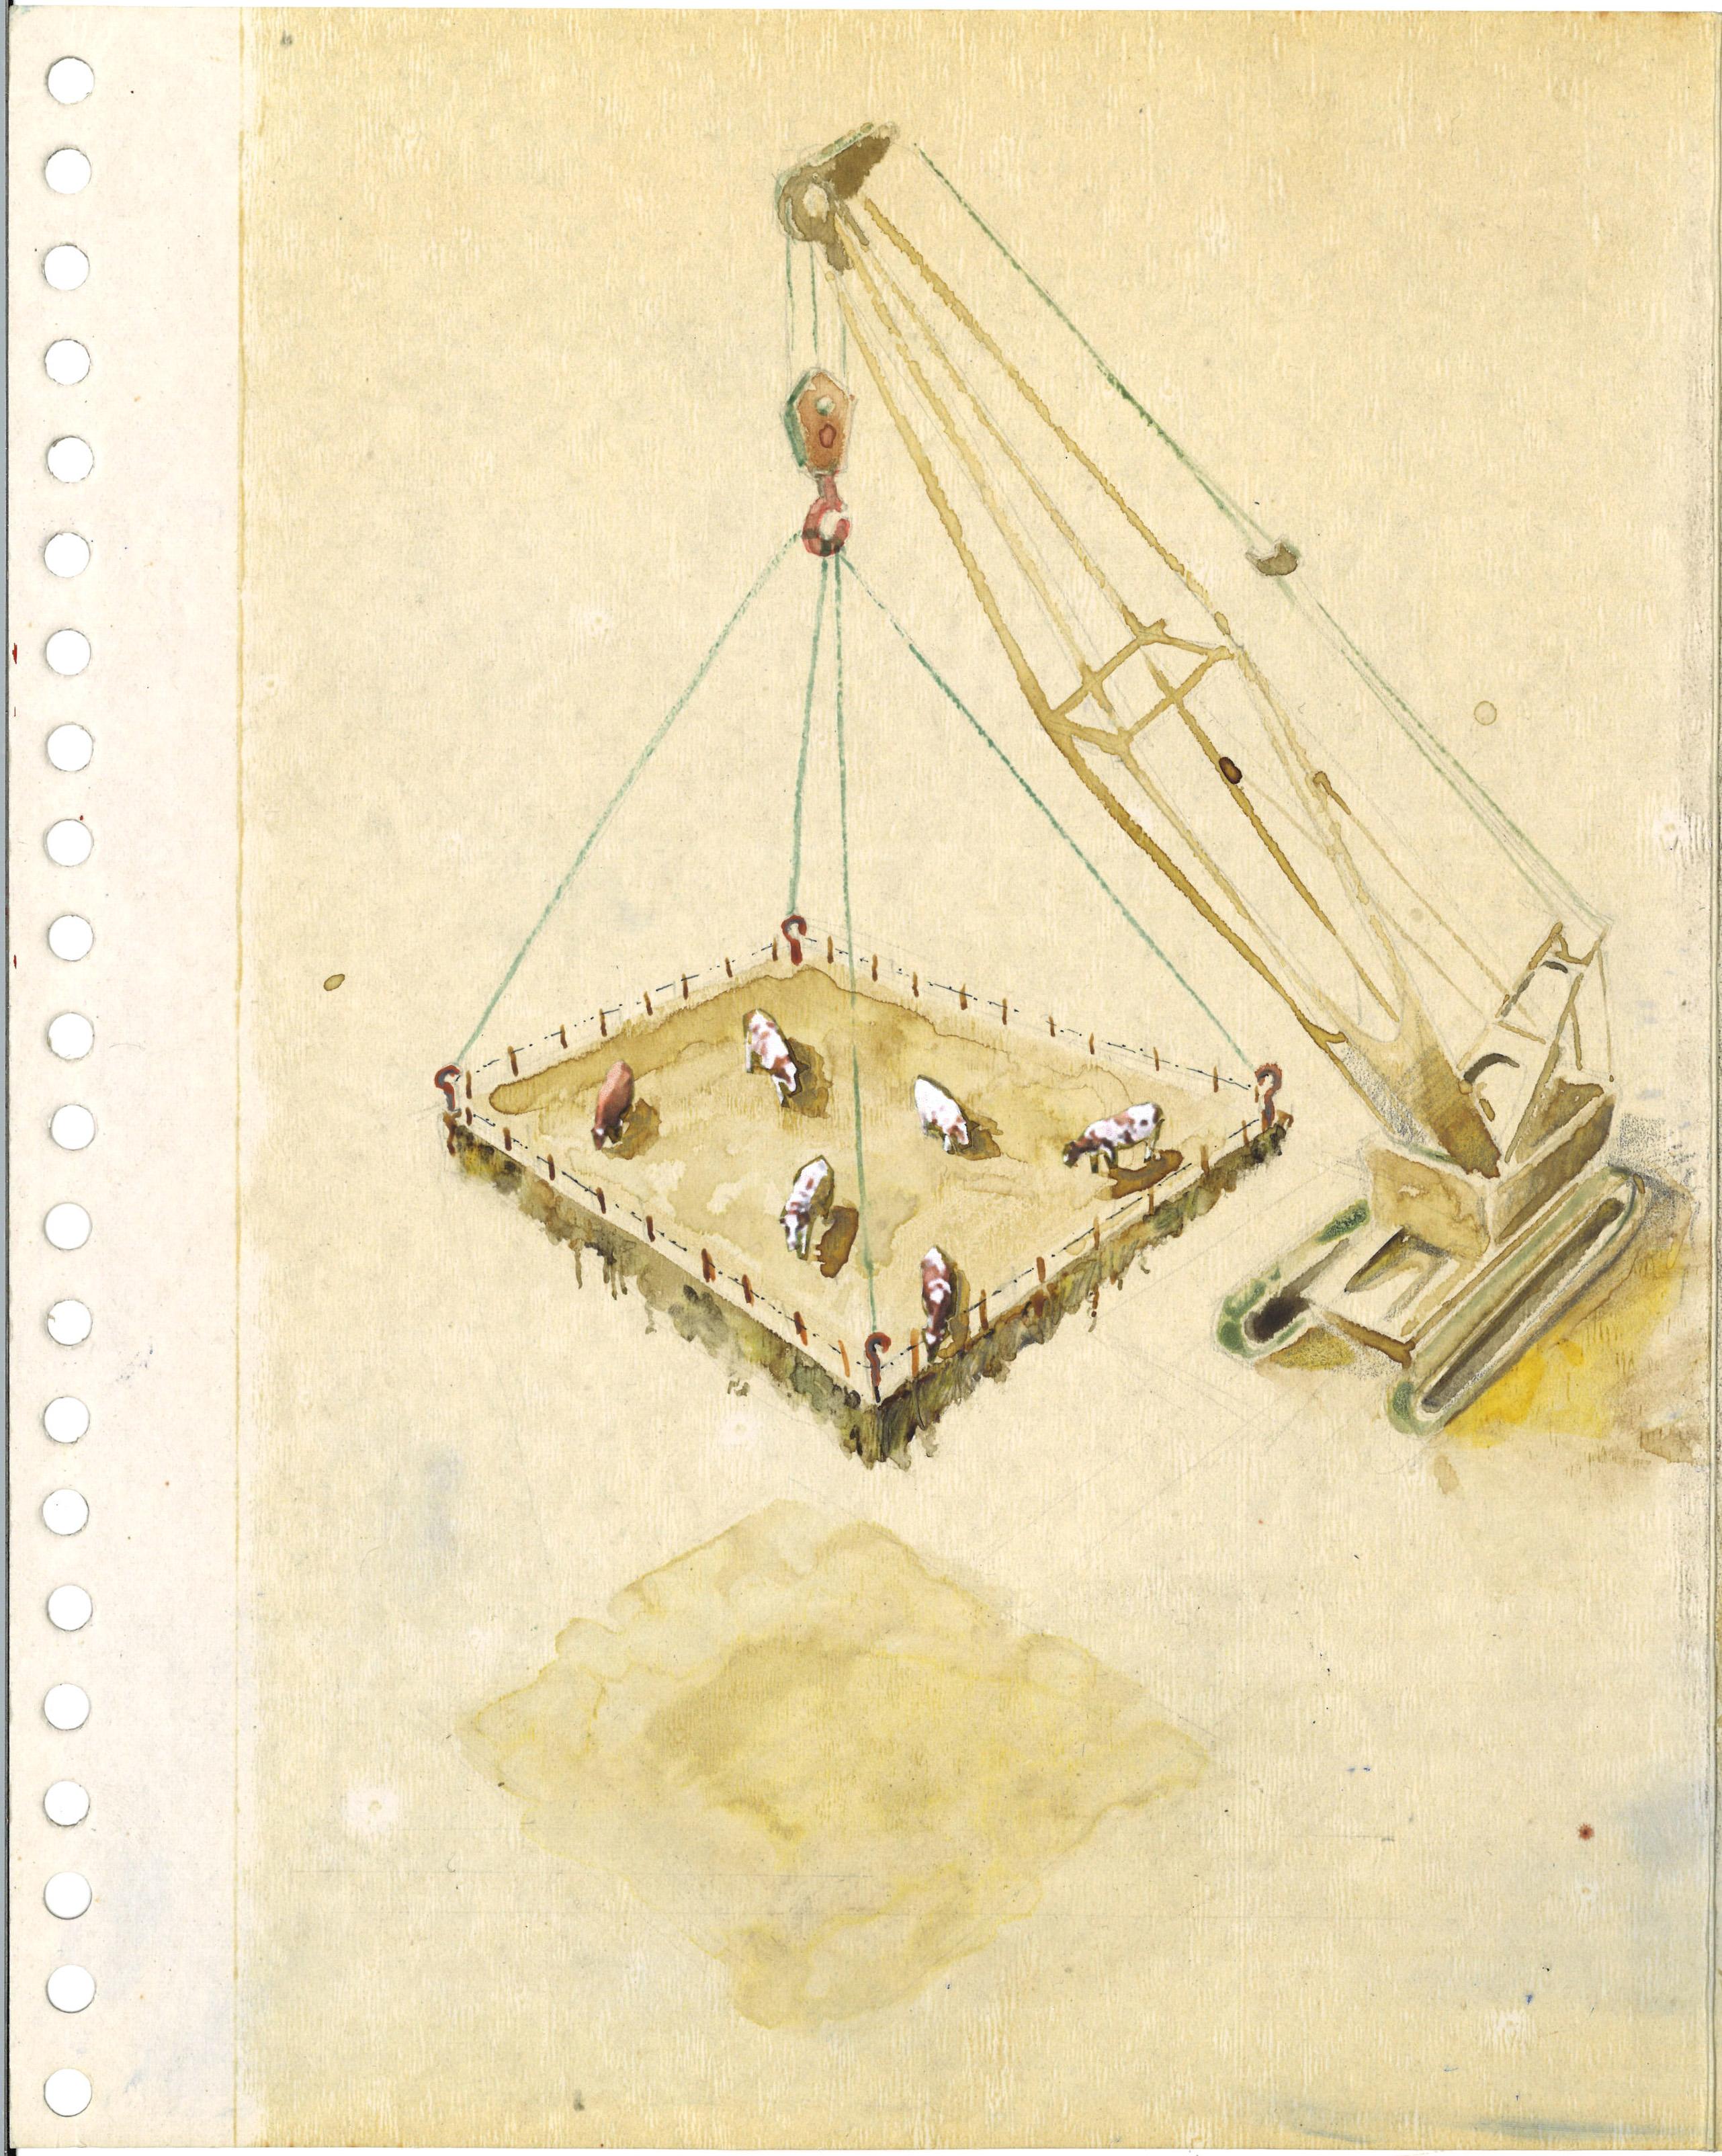 cow-crane-2